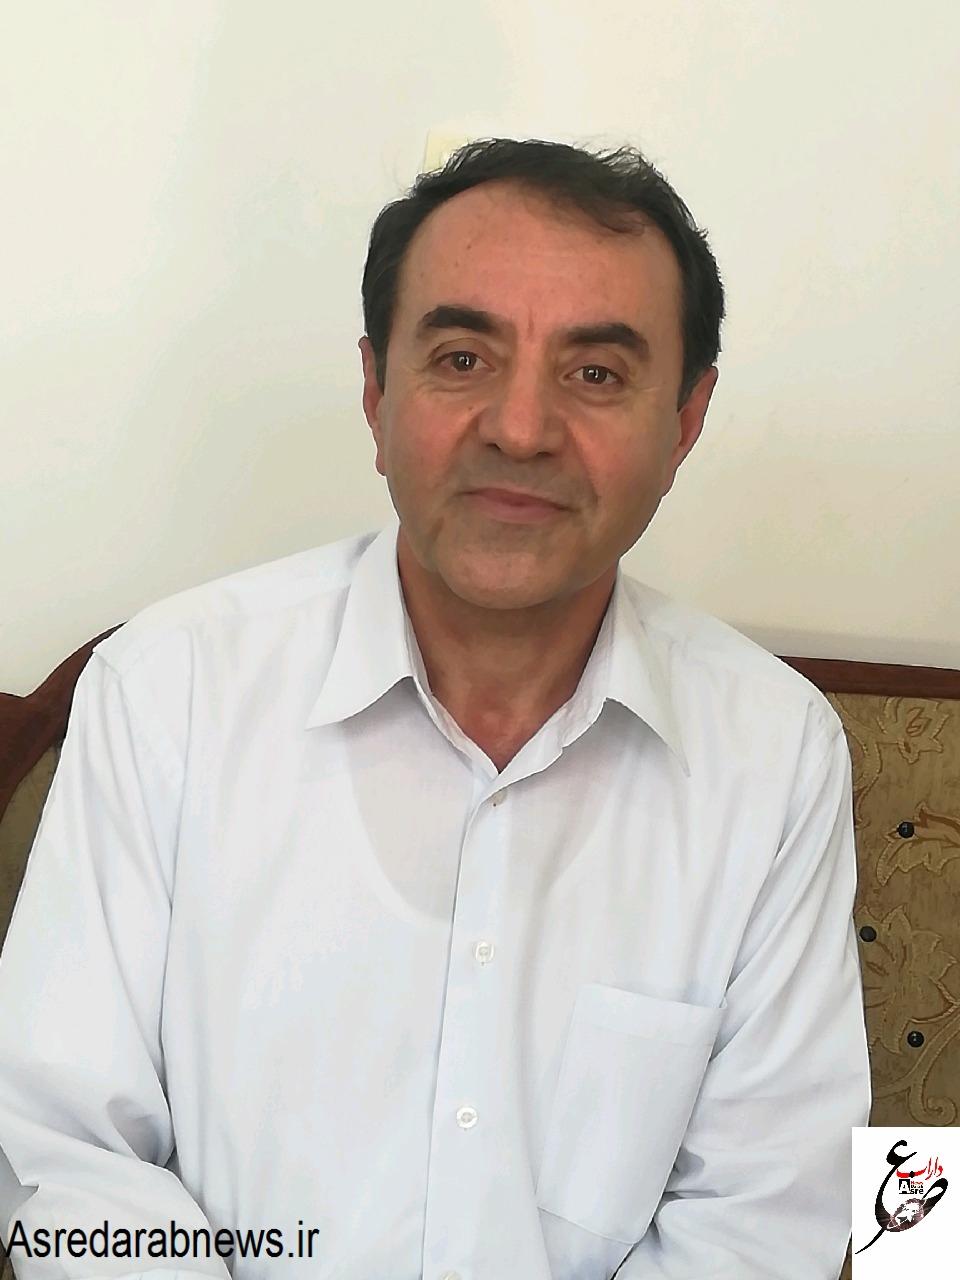 دکتر سید عبدالرضا کمانه: به نظر من محصولات وارداتی که معمولا پُر مصرف هستند محصولاتی تراریخته هستند/اسپری کاملا گیاهی در درمان سینوزیت مزمن به ثبت رسیده است